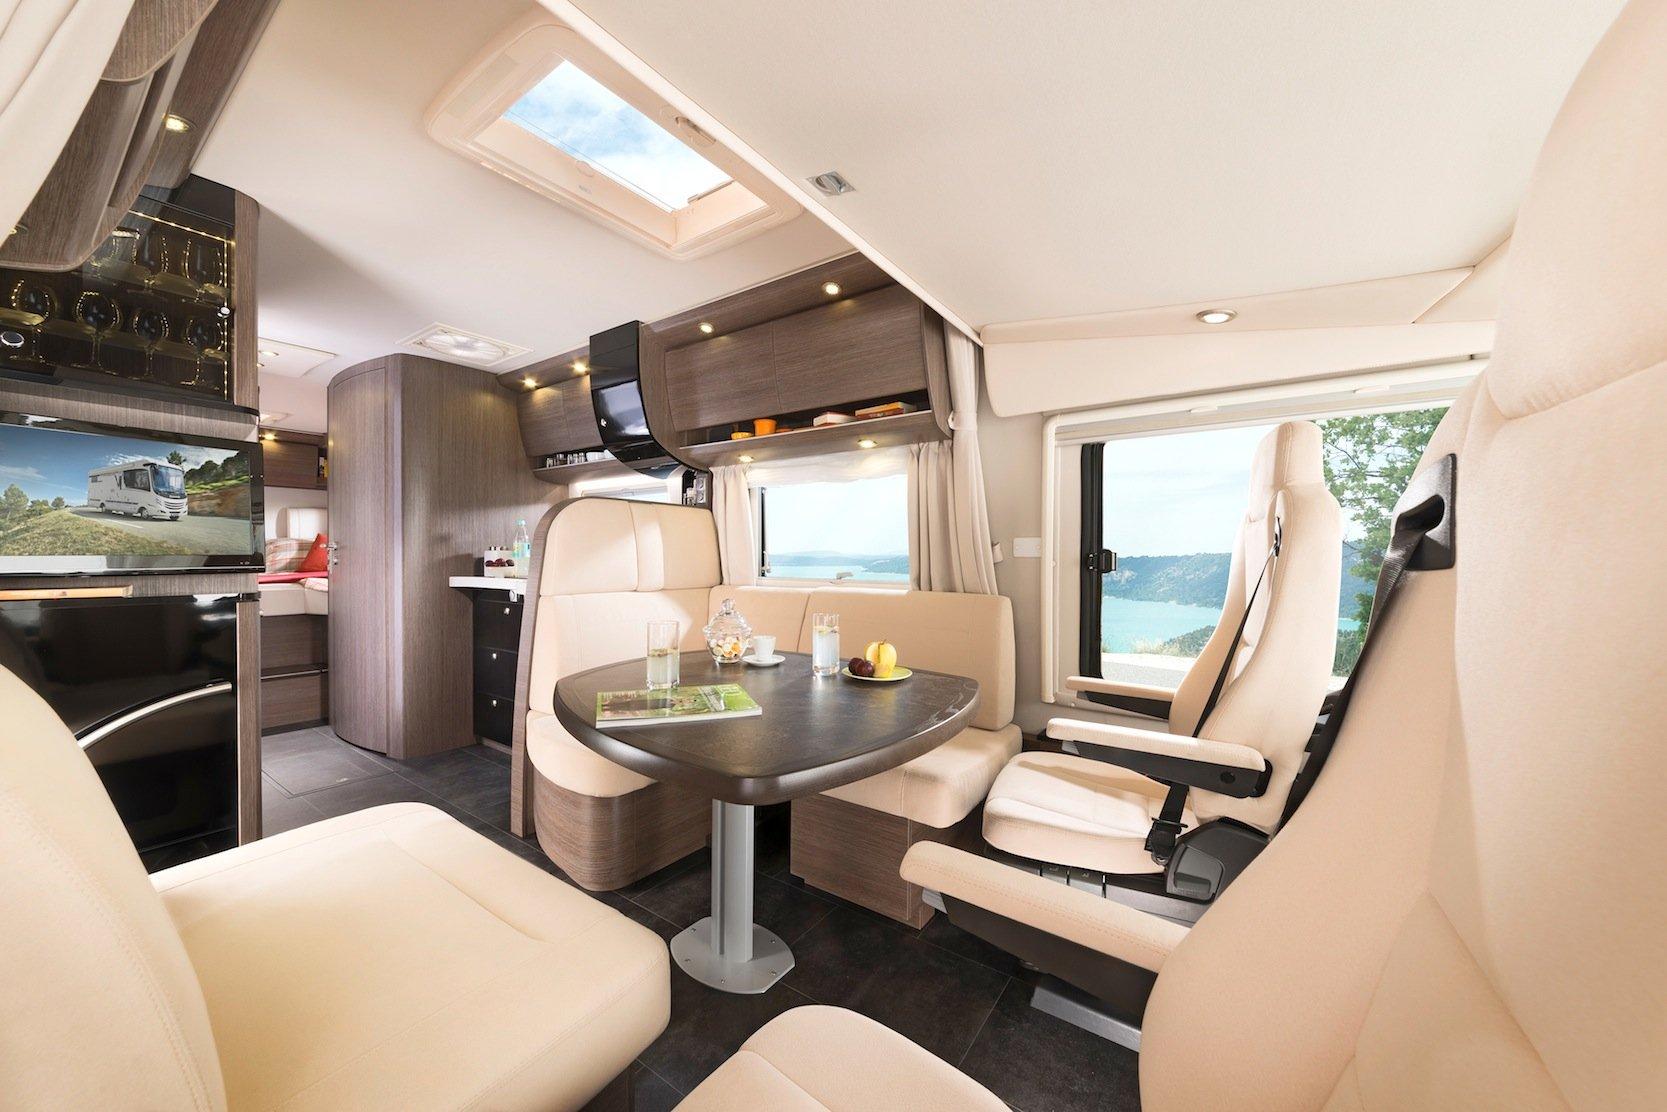 Ganz schön viel Platz: der Innenraum des neuen Carver890 RRL von Concorde.